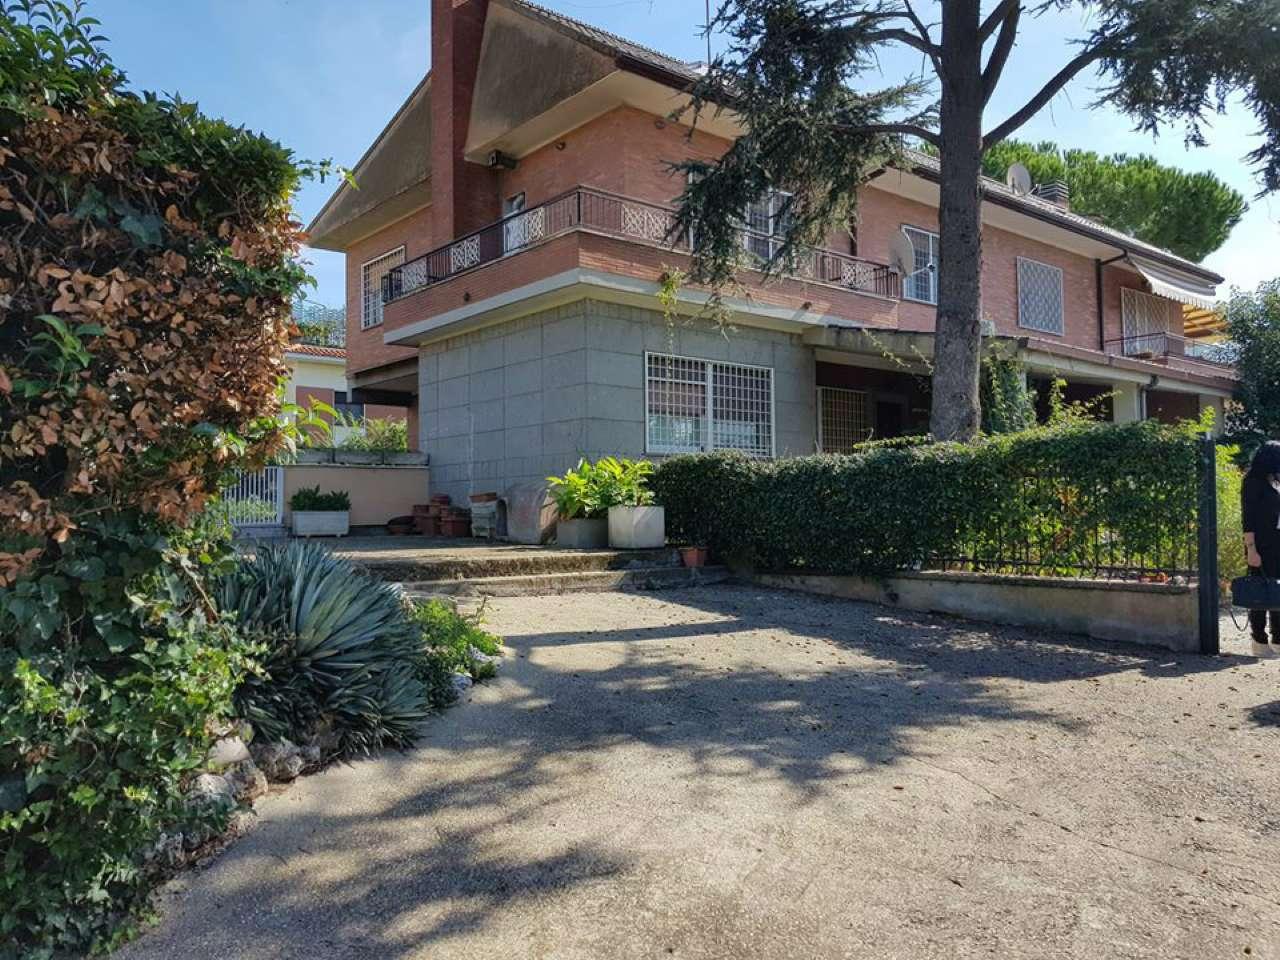 Villa Bifamiliare in vendita a Roma, 8 locali, zona Zona: 38 . Acilia, Vitinia, Infernetto, Axa, Casal Palocco, Madonnetta, prezzo € 520.000 | CambioCasa.it